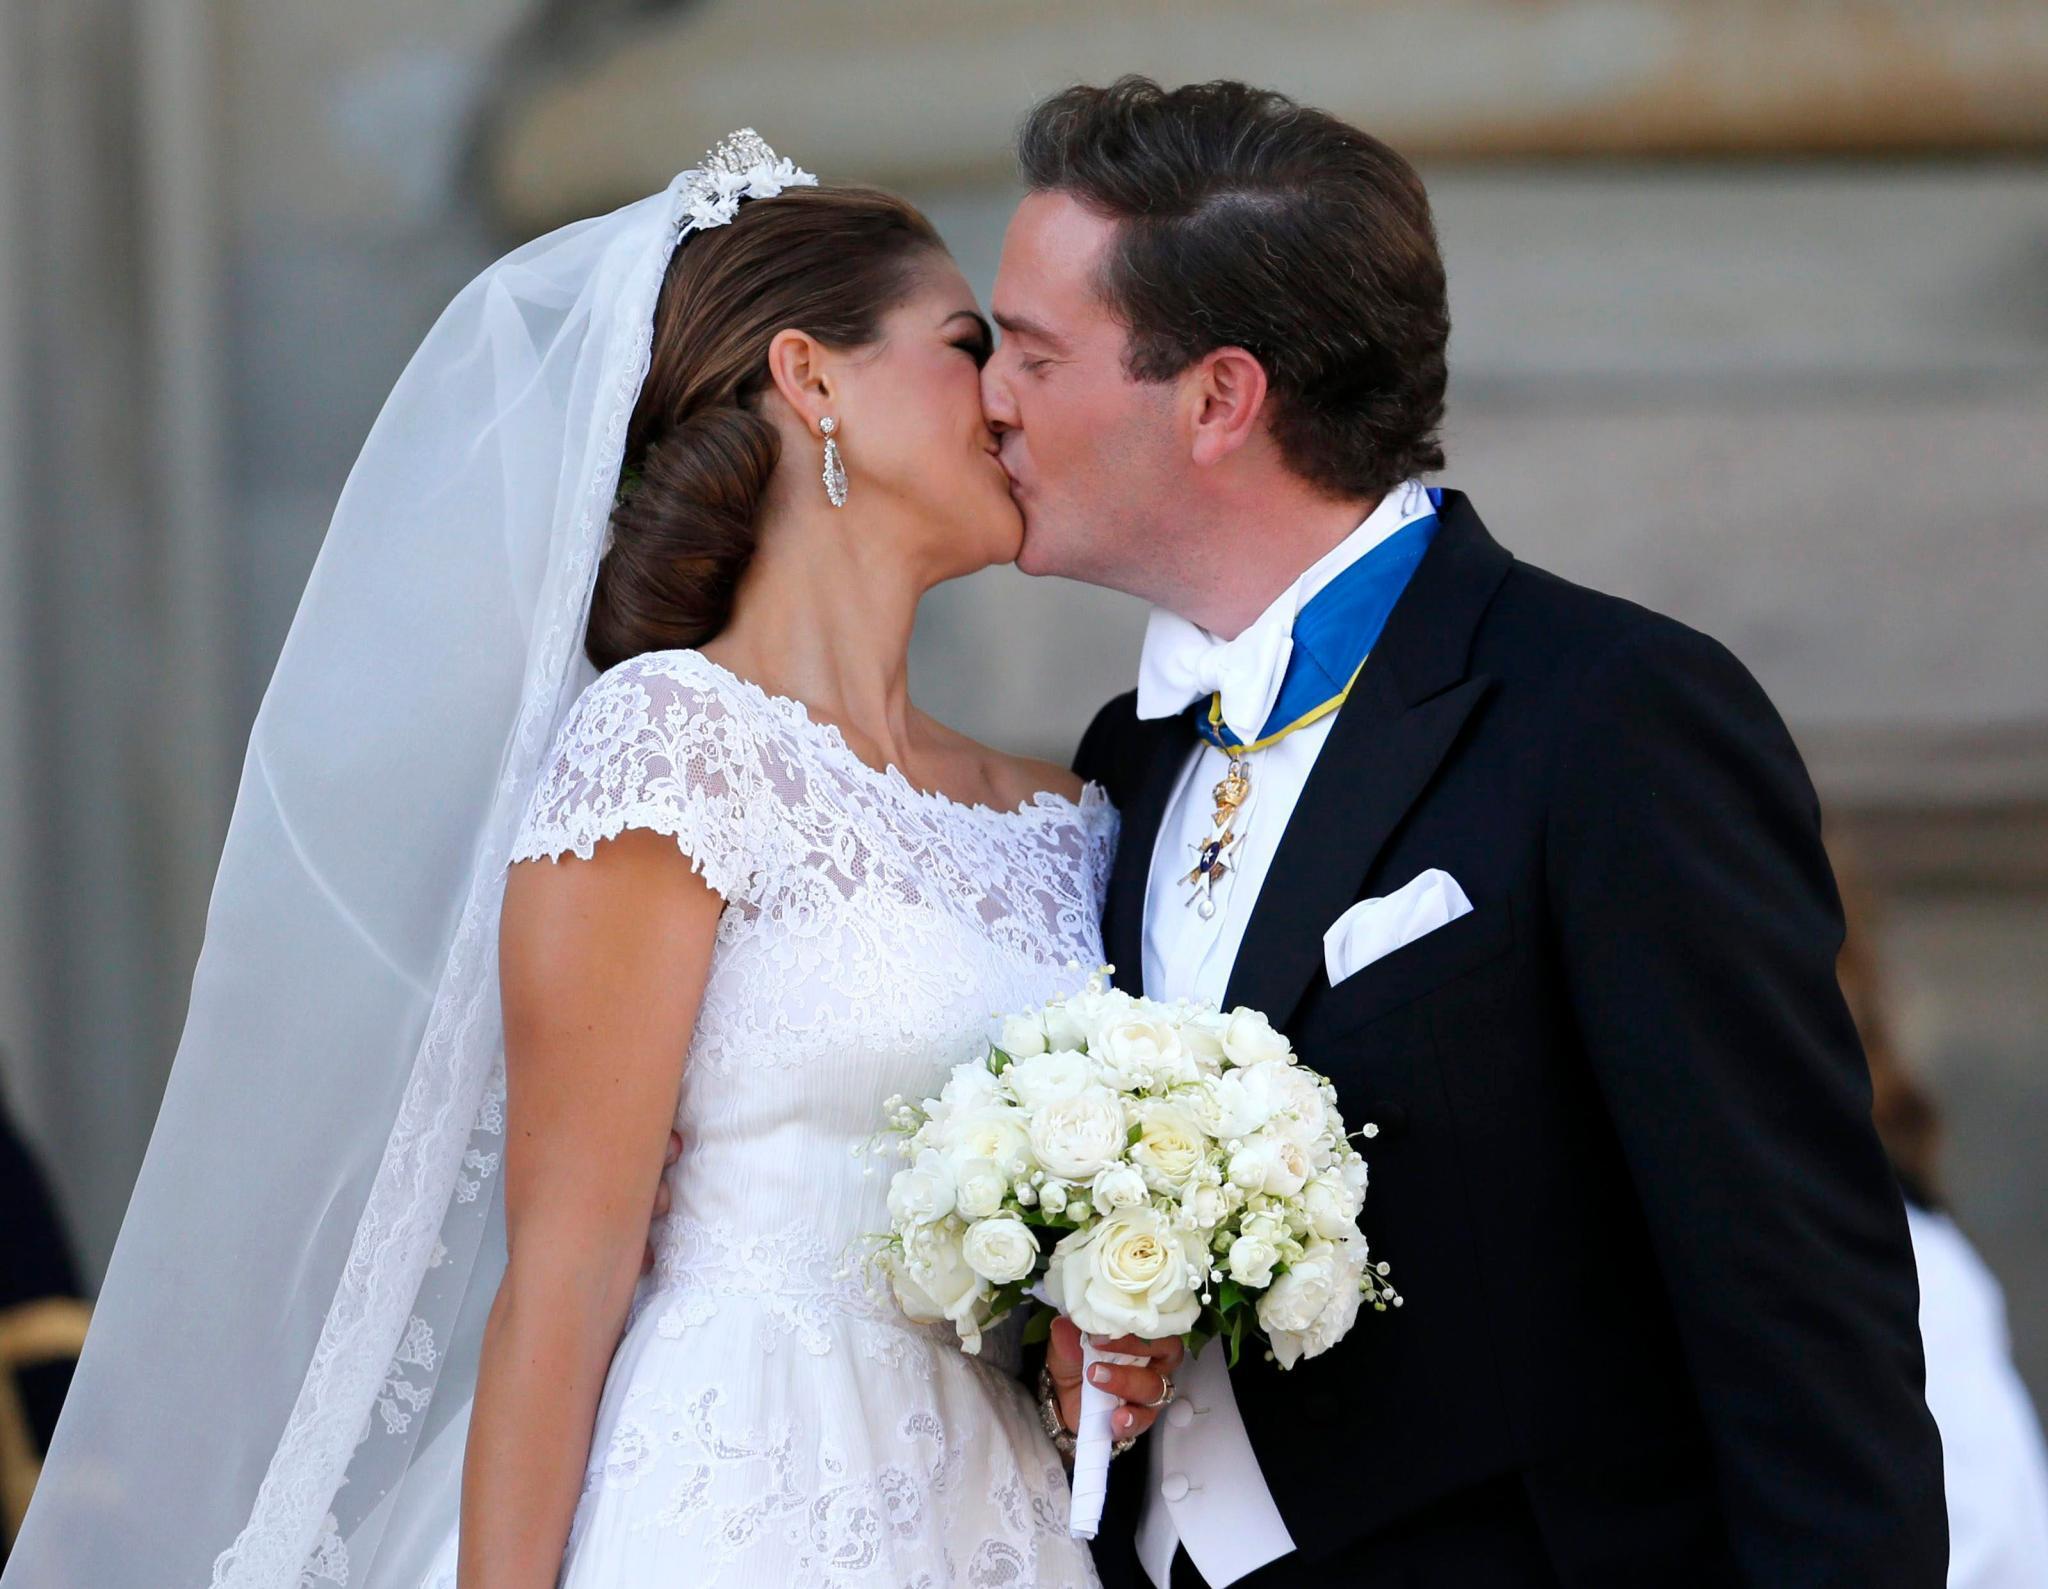 Geküsst wurde viel, mehr als auf jeder royalen Hochzeit.